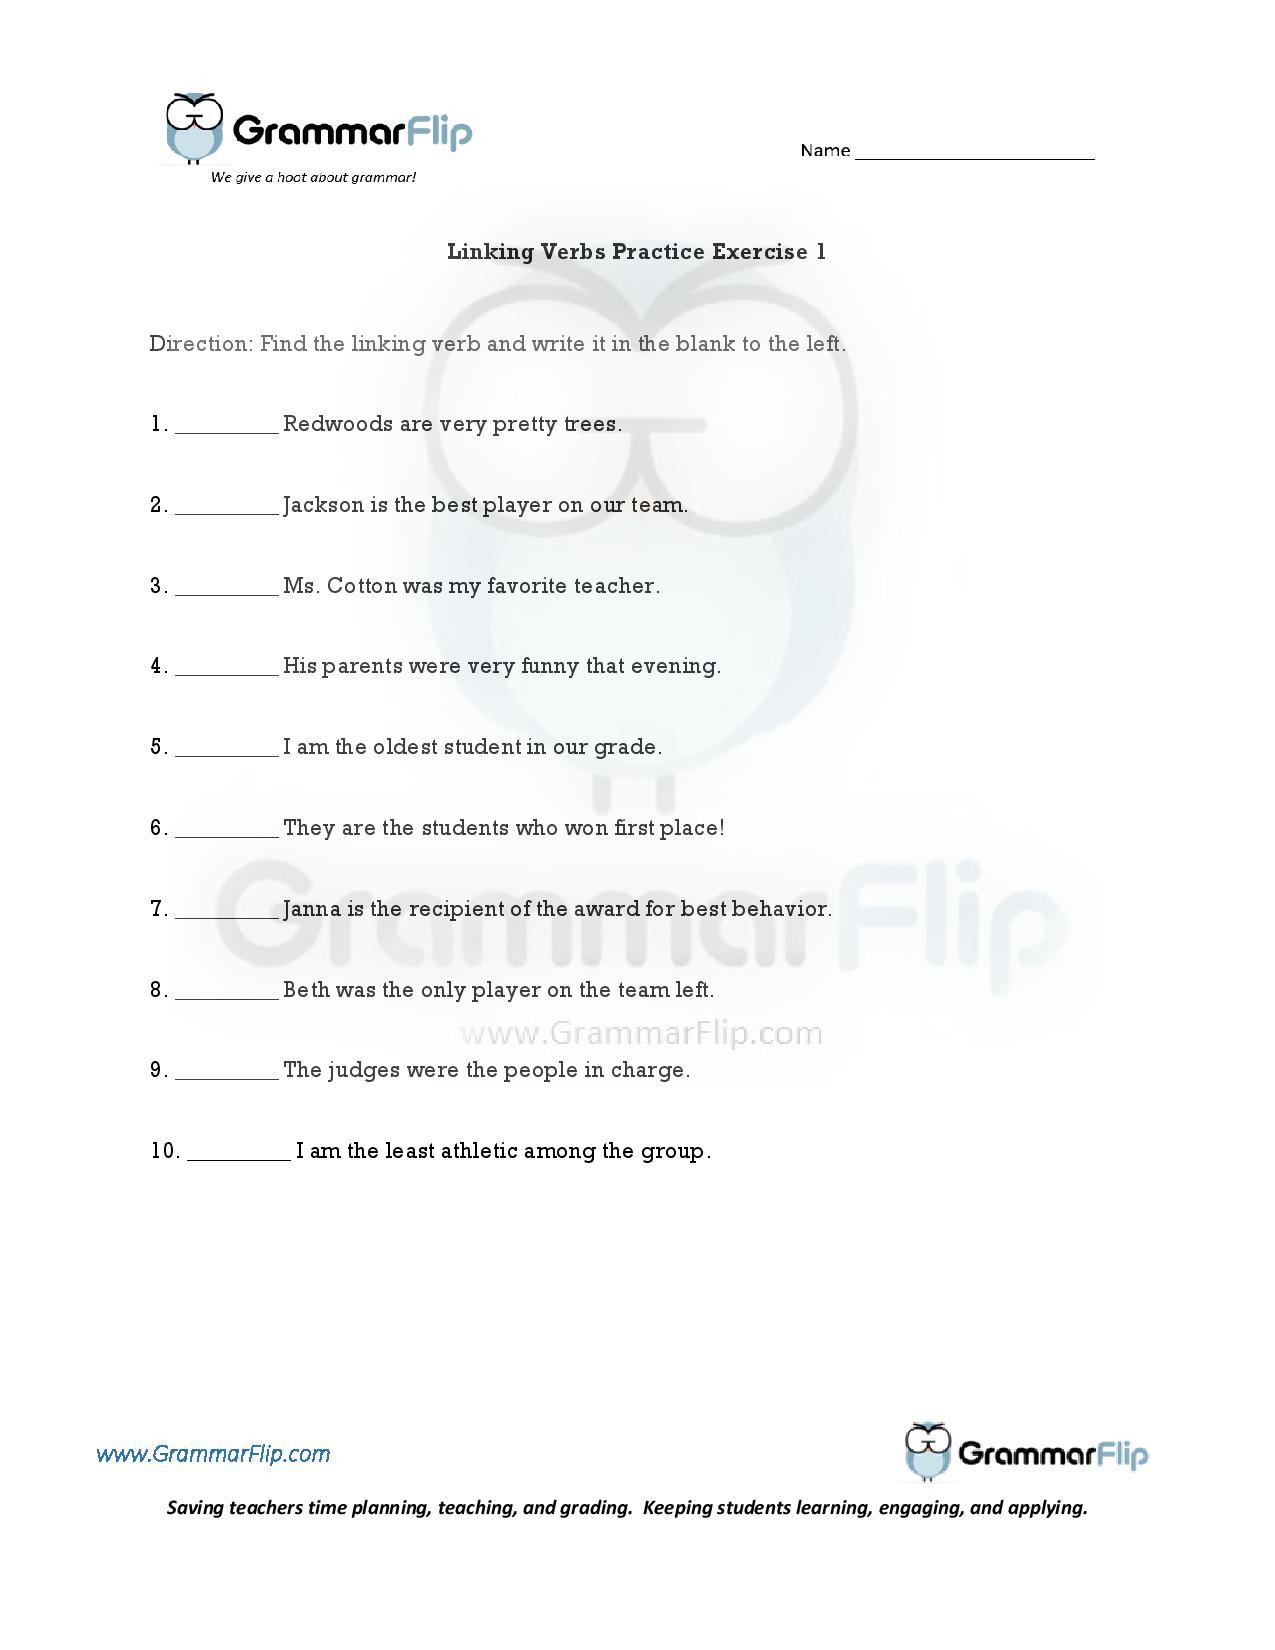 Linking Verb Practice Worksheet